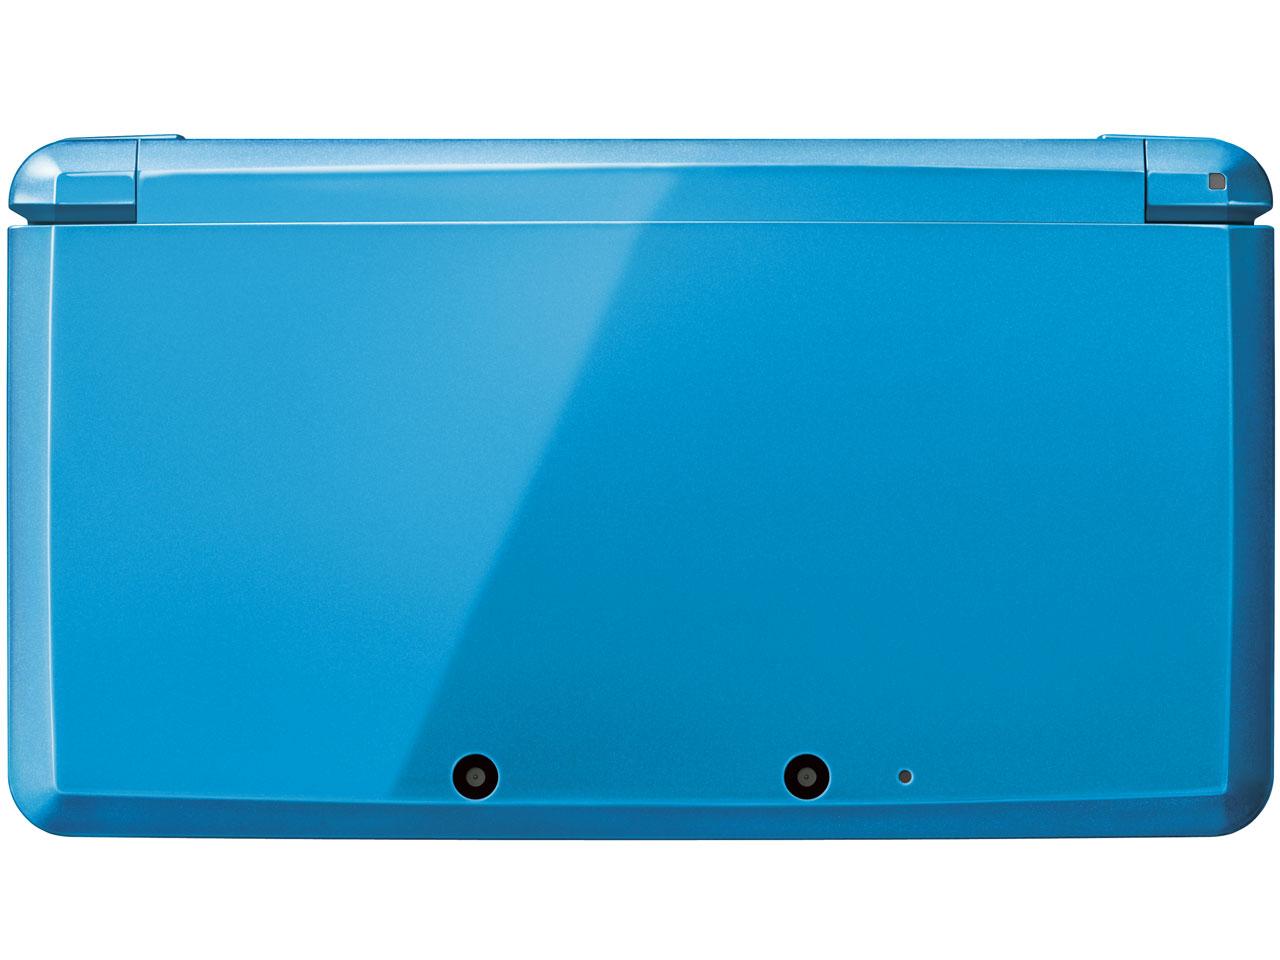 『本体 上面』 ニンテンドー3DS ライトブルー の製品画像